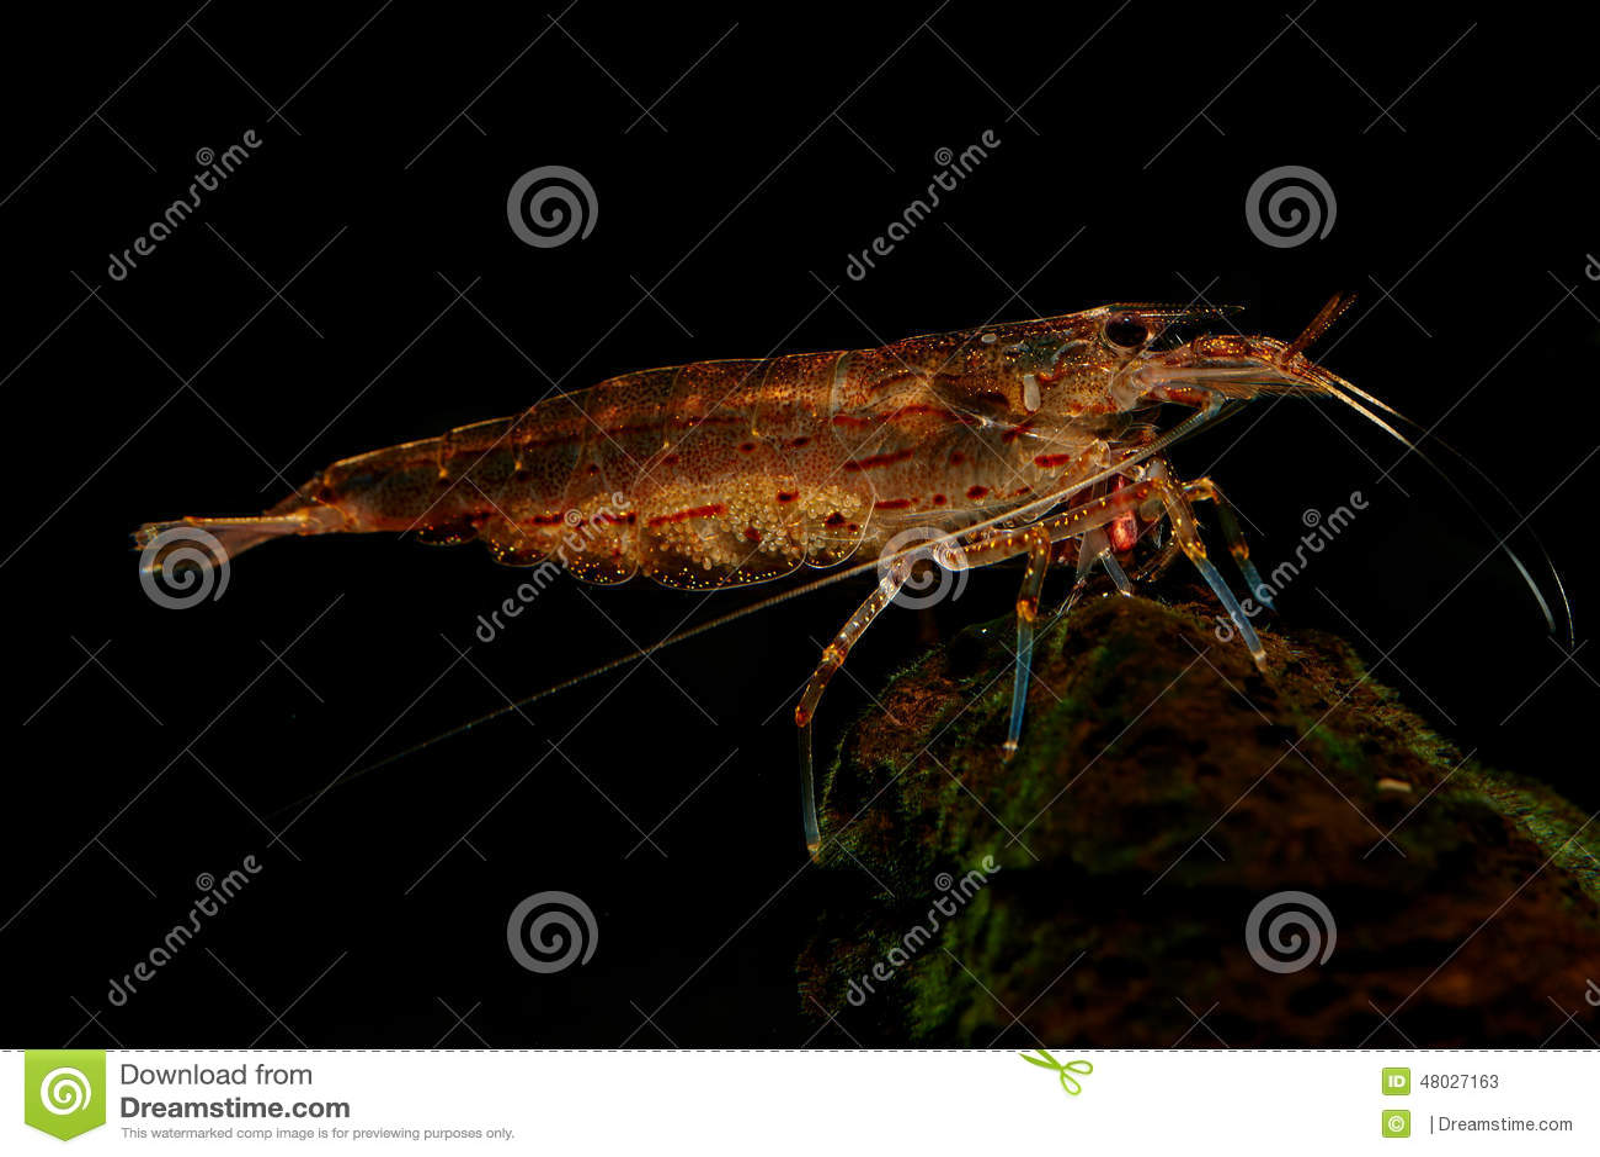 Zwanger Amano Shrimp